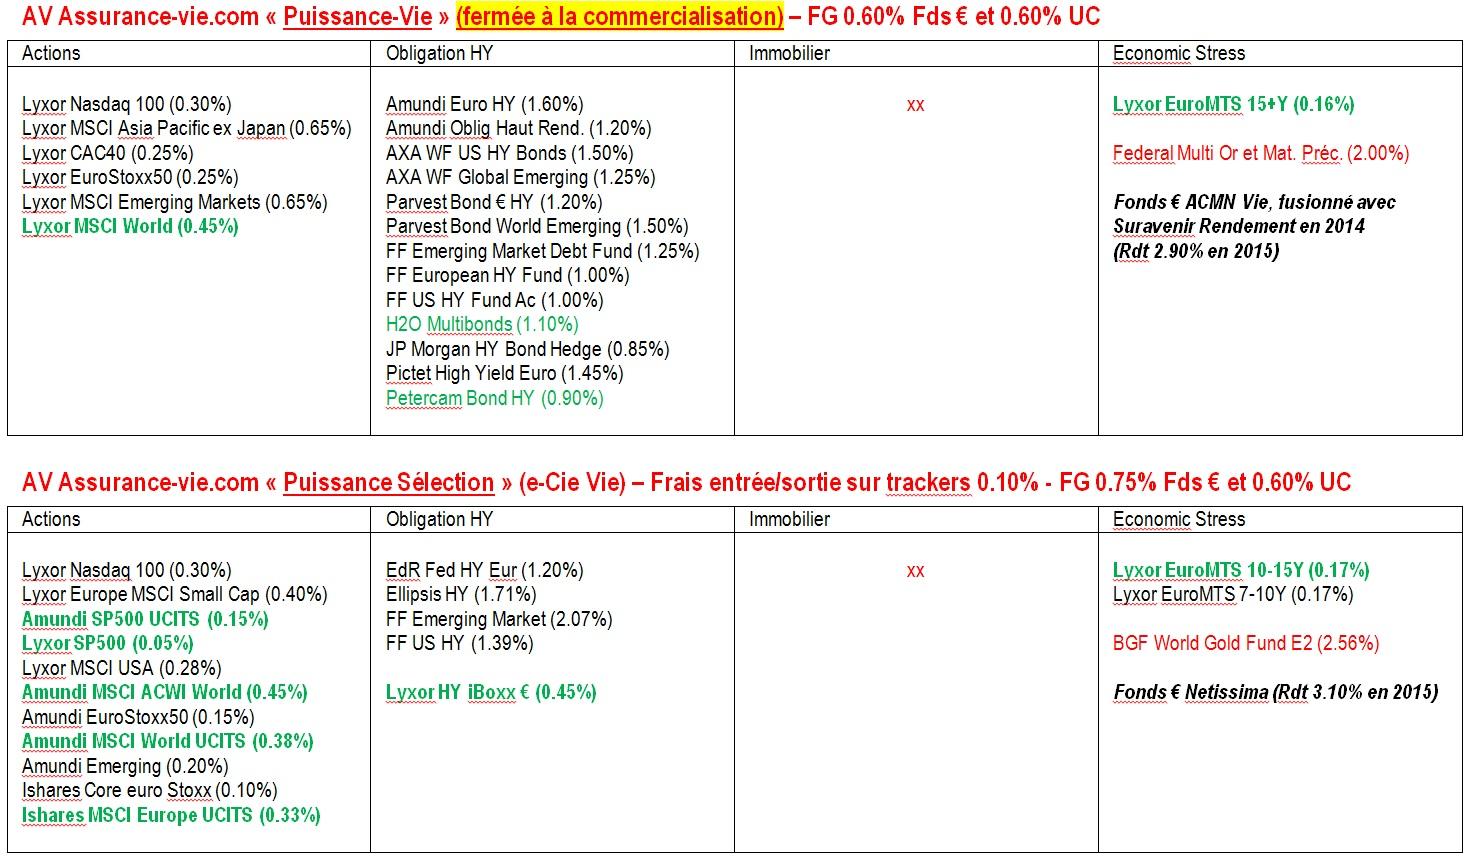 http://maxicool5.free.fr/Bourse/Divers%20AV/Quelle%20AV%20pour%20du%20DM%20(1).jpg